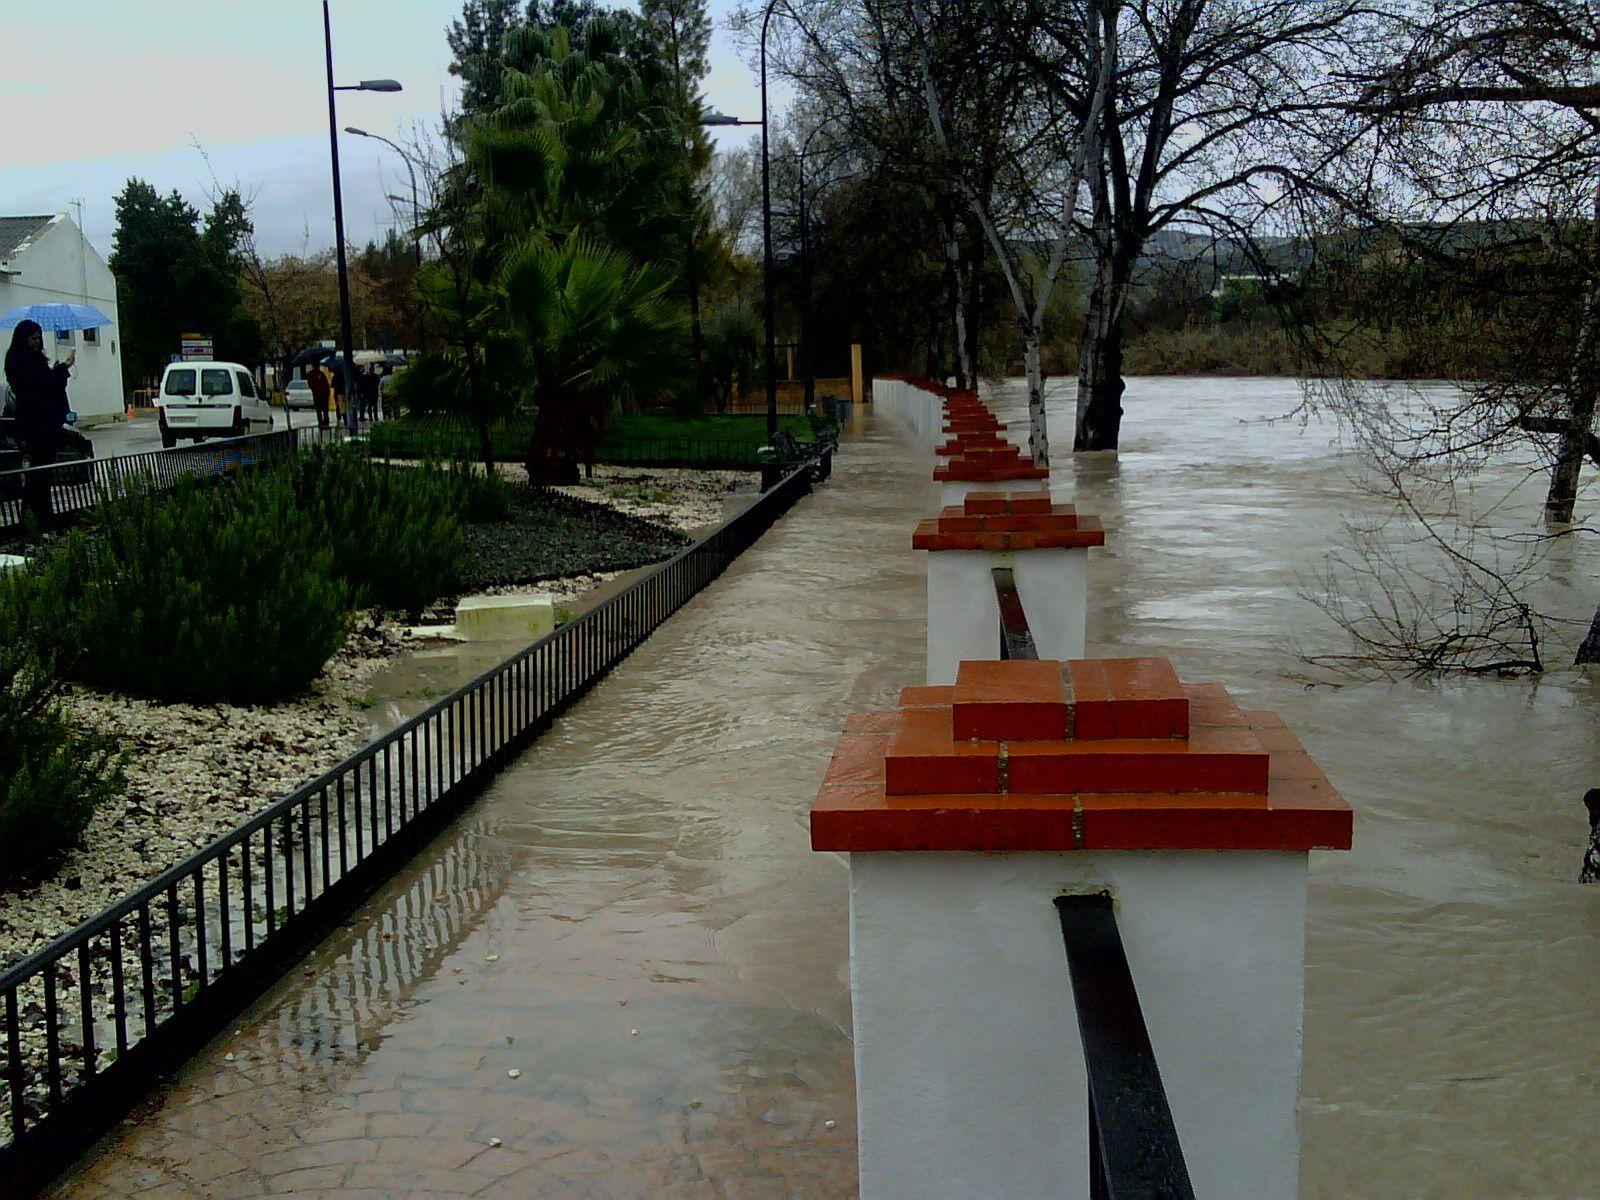 Inundaciones Río Genil 06-03-2010 Badolatosa